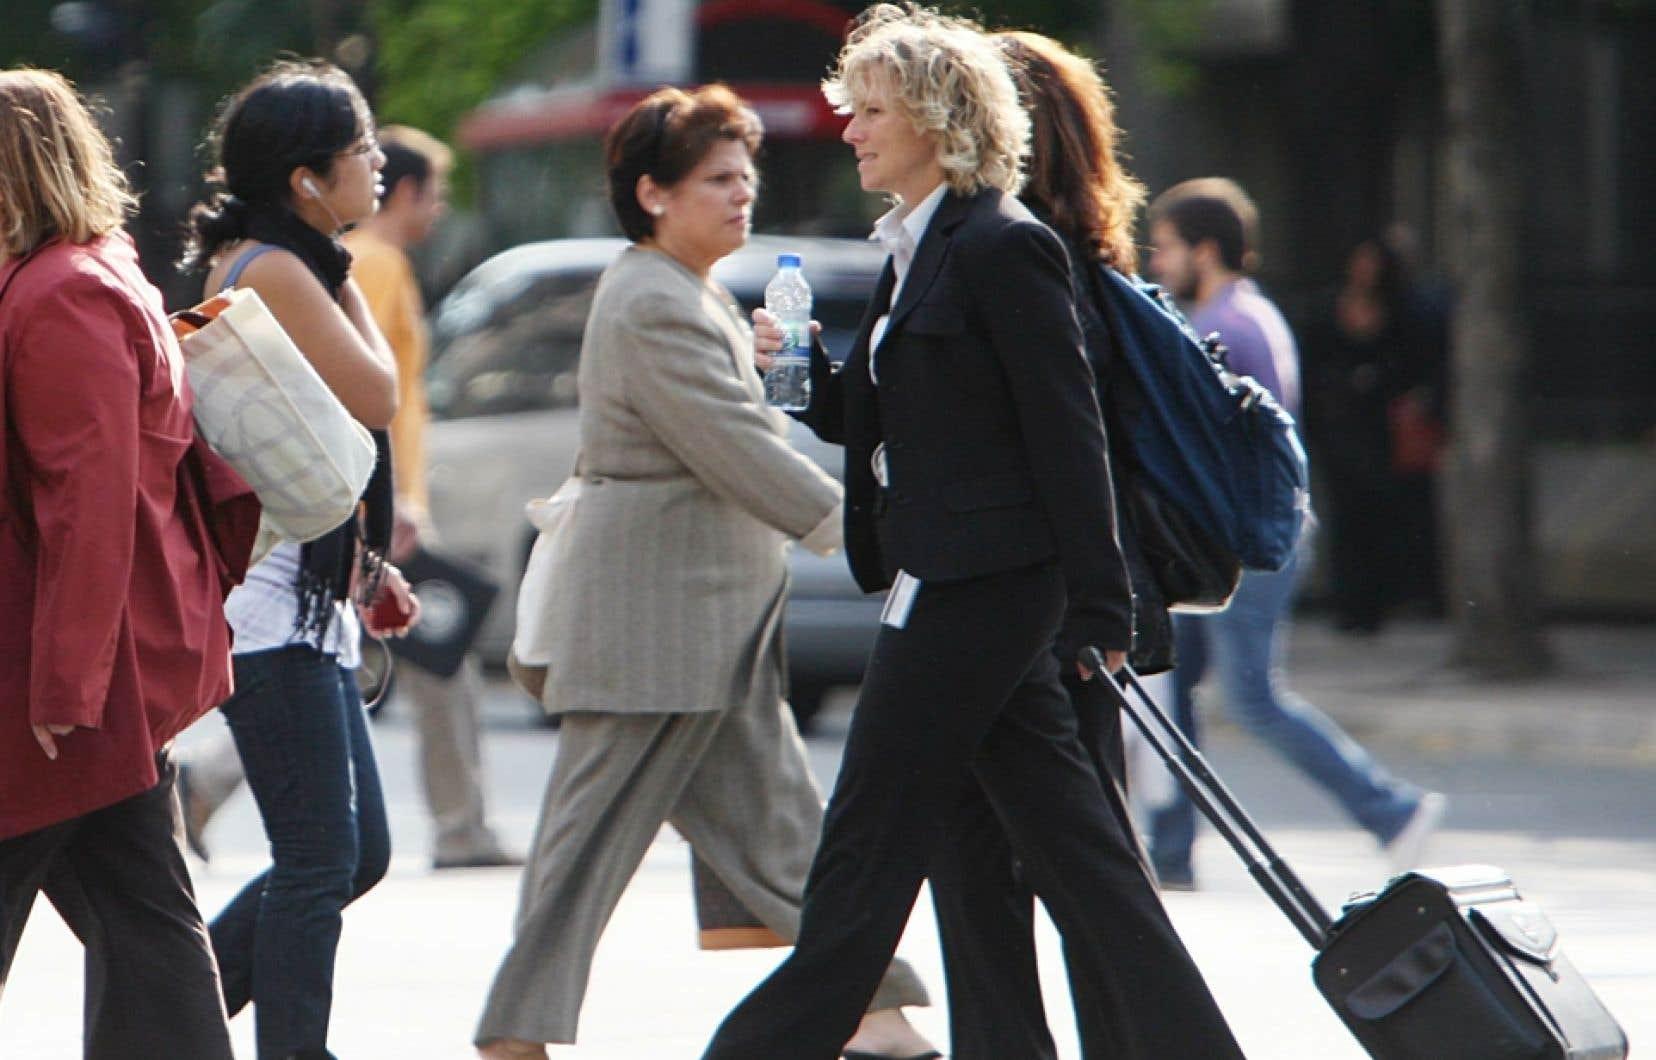 Peu importe le niveau de compétences de l'emploi occupé, les travailleuses régulières à temps plein touchent un salaire horaire moyen plus faible que celui des travailleurs, indique-t-on dans la recherche, qui a été dévoilée jeudi.